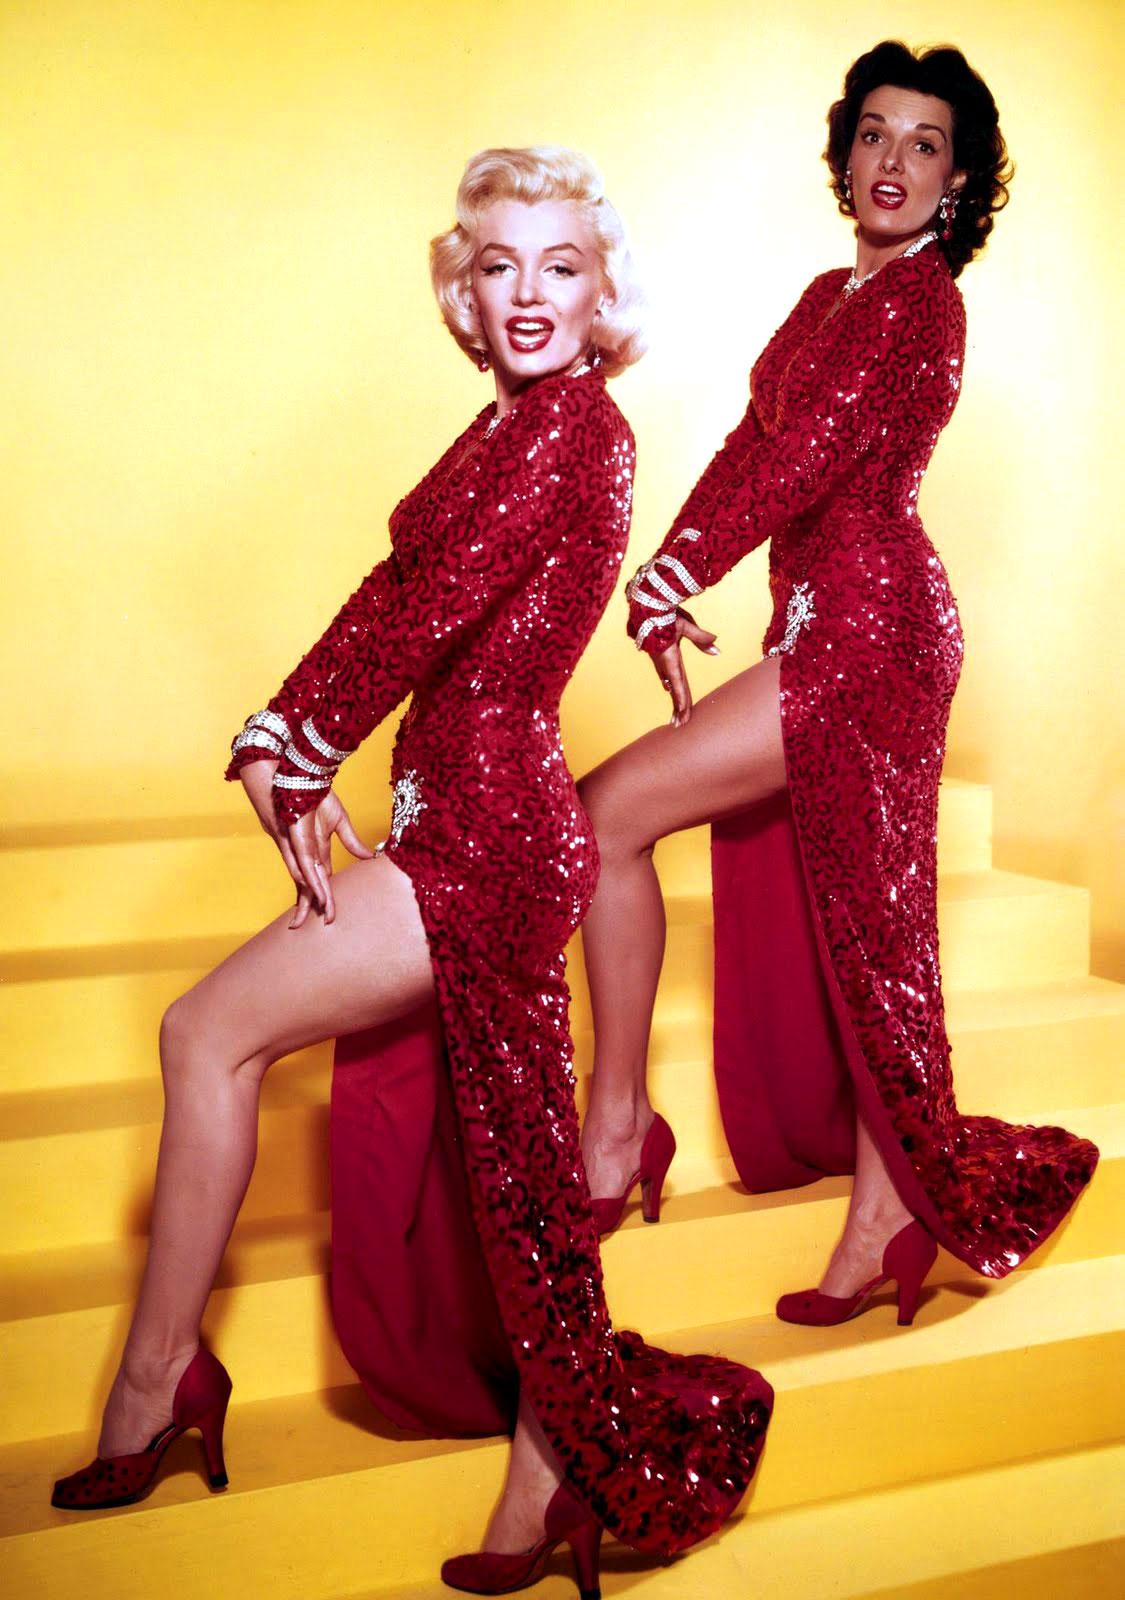 http://1.bp.blogspot.com/-3K5Zbu-4ngo/TpgQOUsdTOI/AAAAAAAALZY/xKsw9SyJ-Ds/s1600/Marilyn-Monroe-with-Jane-Russell.jpg